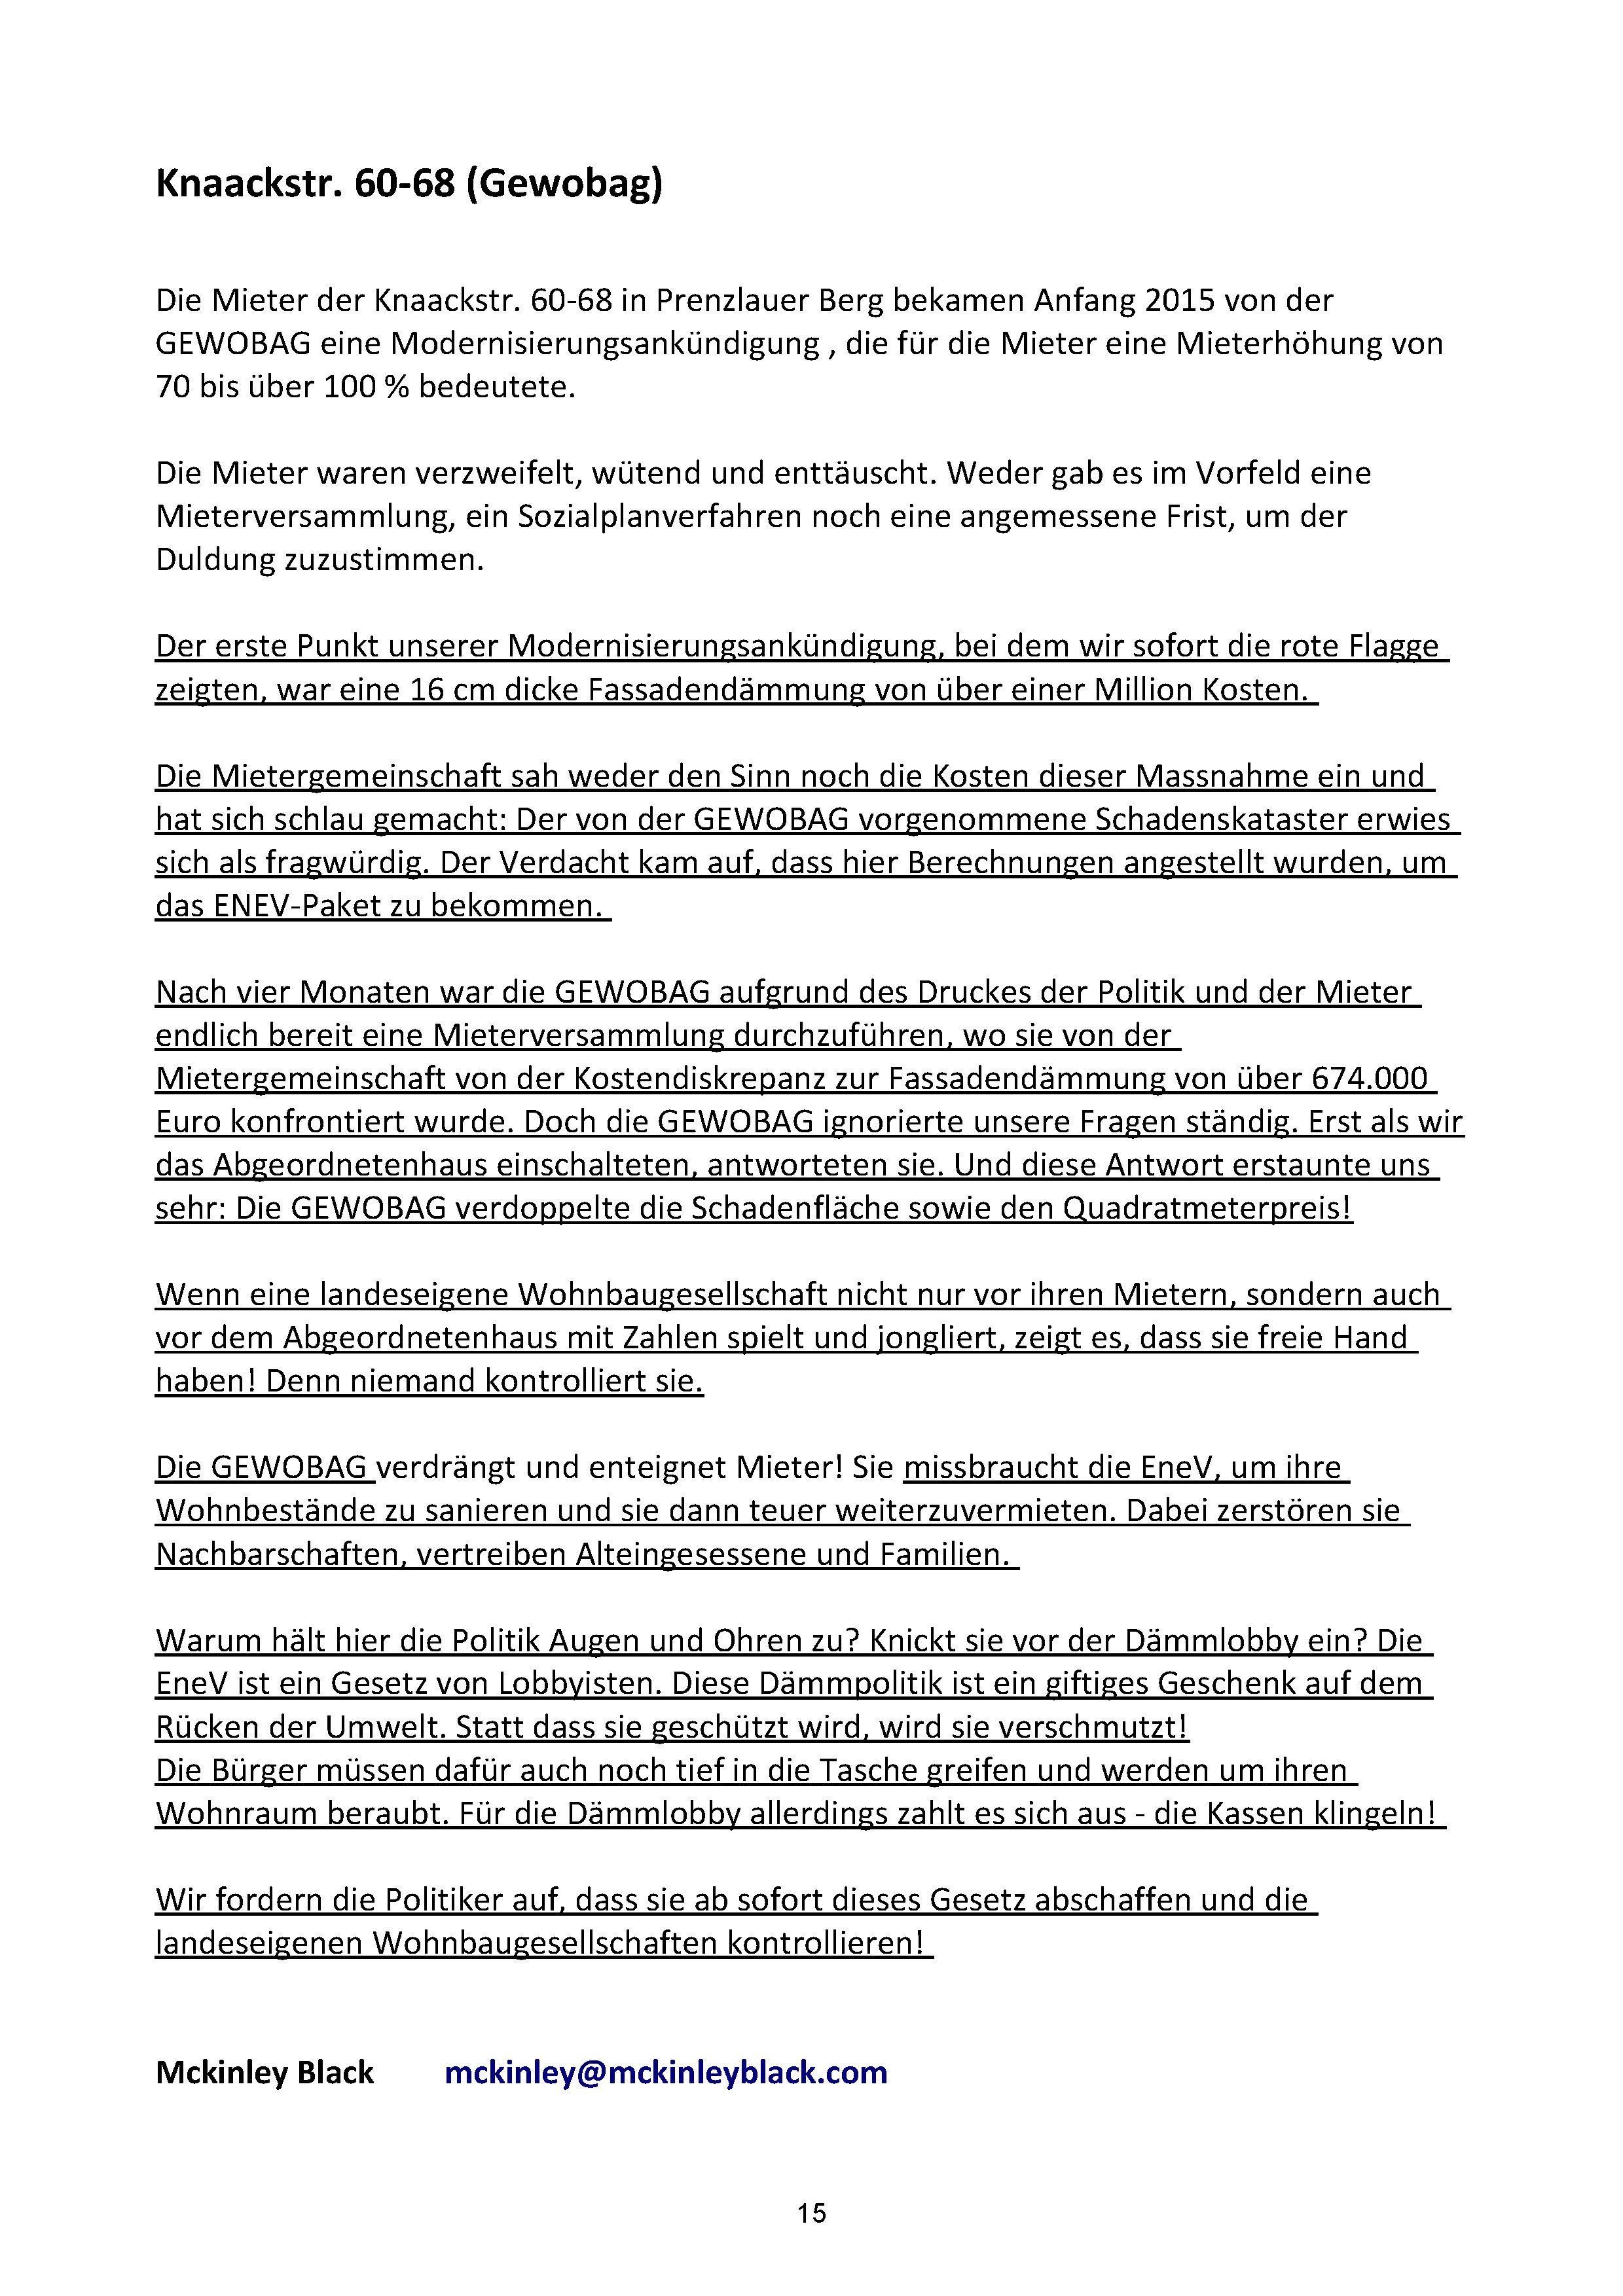 stadtpolitisches_hearing_021116_pressemappe1_seite_16